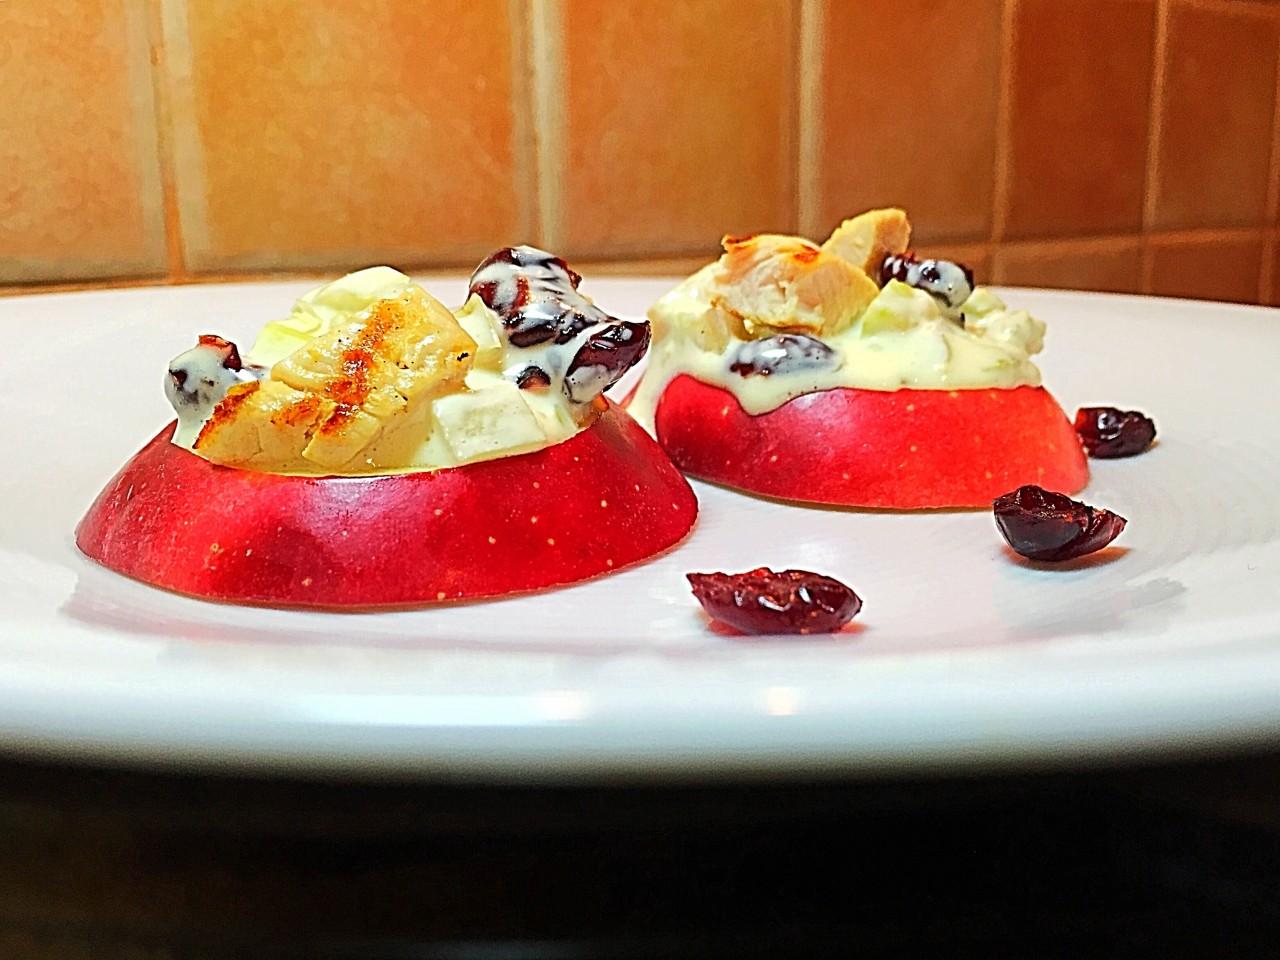 Пикантный салат на слайсах из яблок